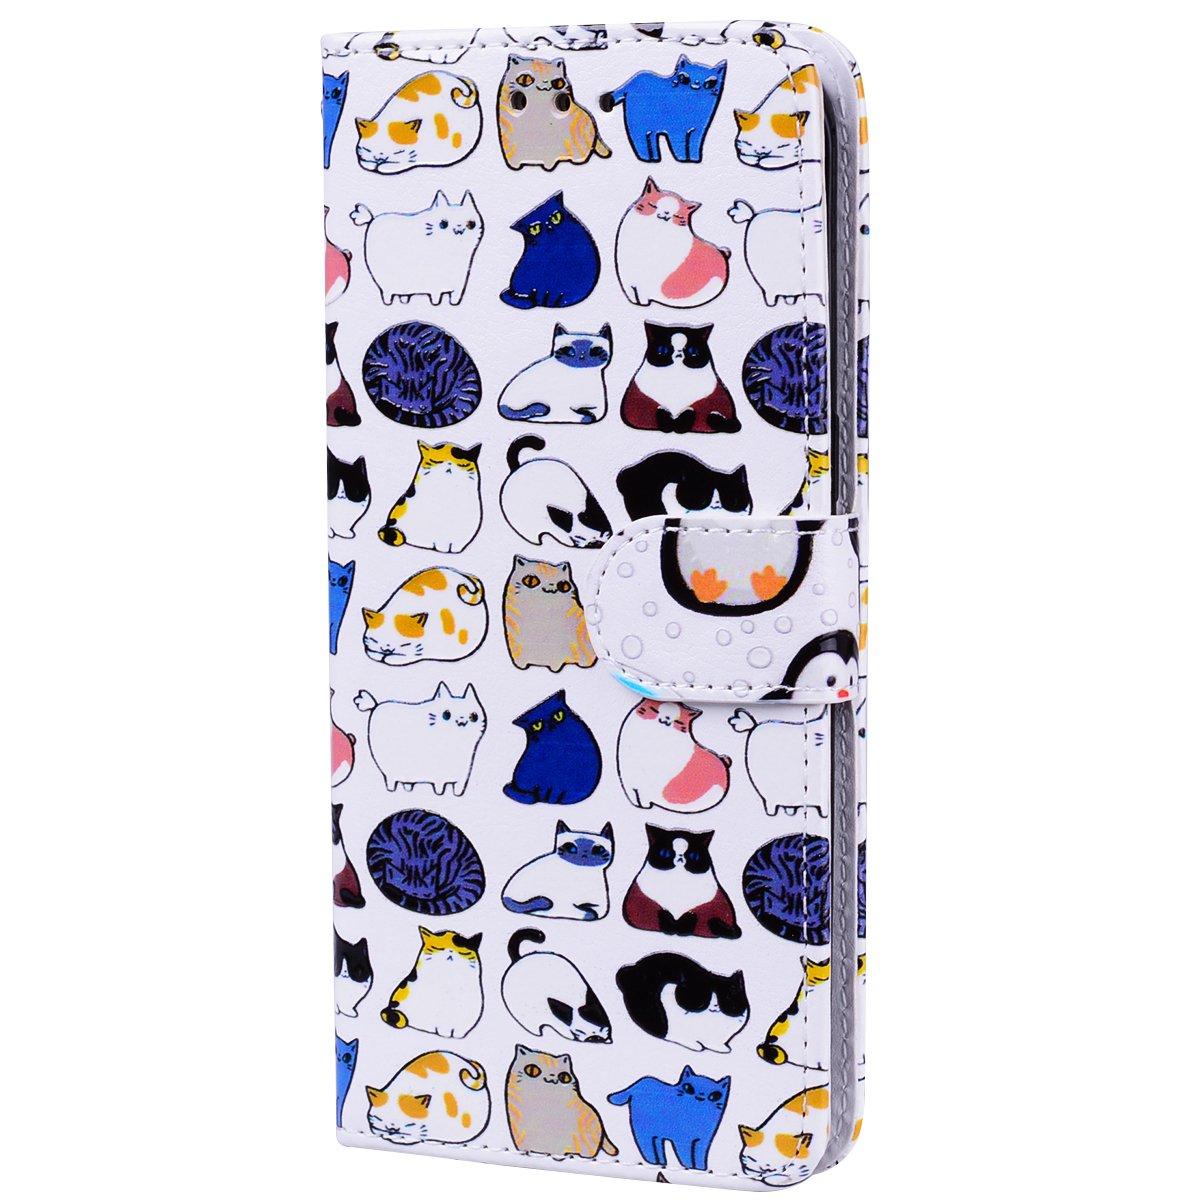 Cozy Hut S7 Edge Hü lle,Galaxy S7 Edge Hü lle,Samsung S7 Edge Hü lle,Samsung Galaxy S7 Edge Leder Wallet Tasche Brieftasche Schutzhü lle, Lederhü lle Leder Tasche Case Cover fü r Samsung Galaxy S